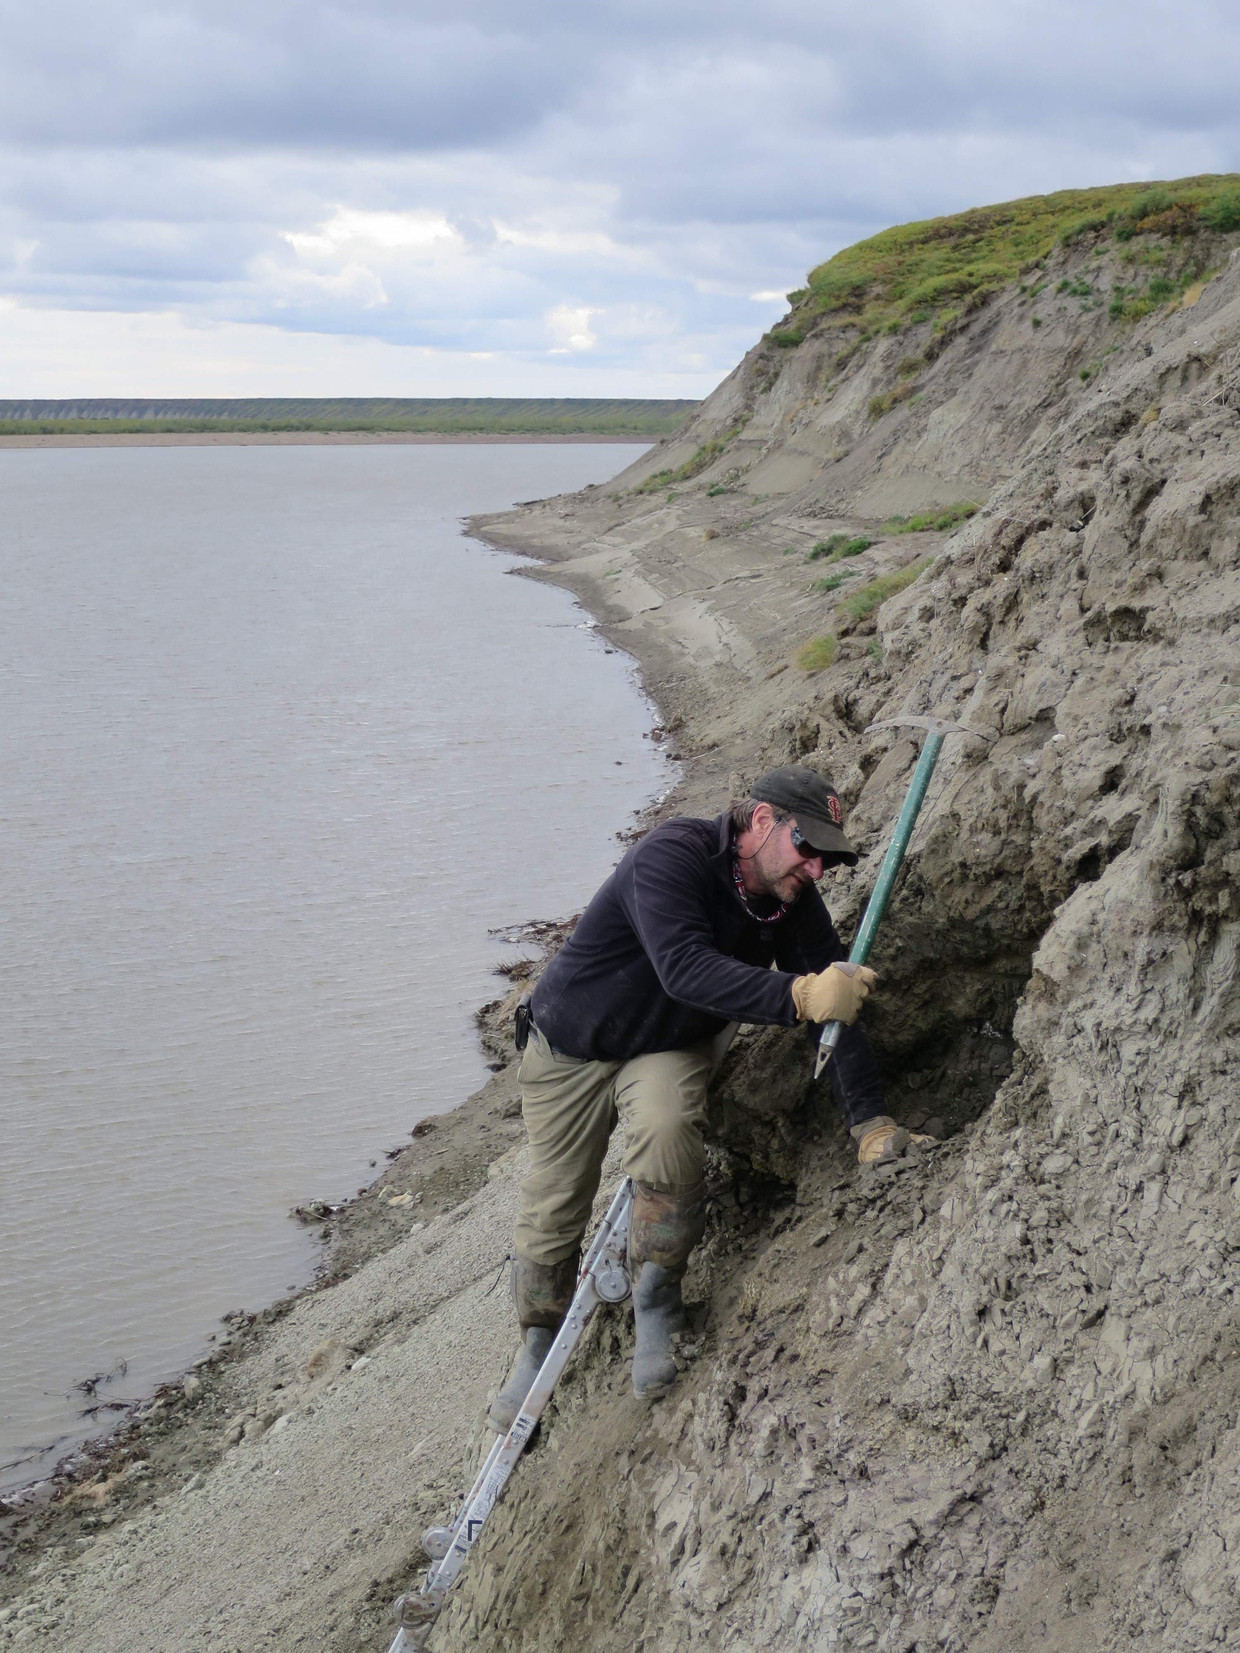 Researcher Greg Erickson bezig met opgravingen aan de oevers van de Colville River in Noord Alaska. Dinosaurussen kwamen hier niet alleen maar langs, ze leefden er permanent – ondanks de barre omstandigheden.  Beeld AFP